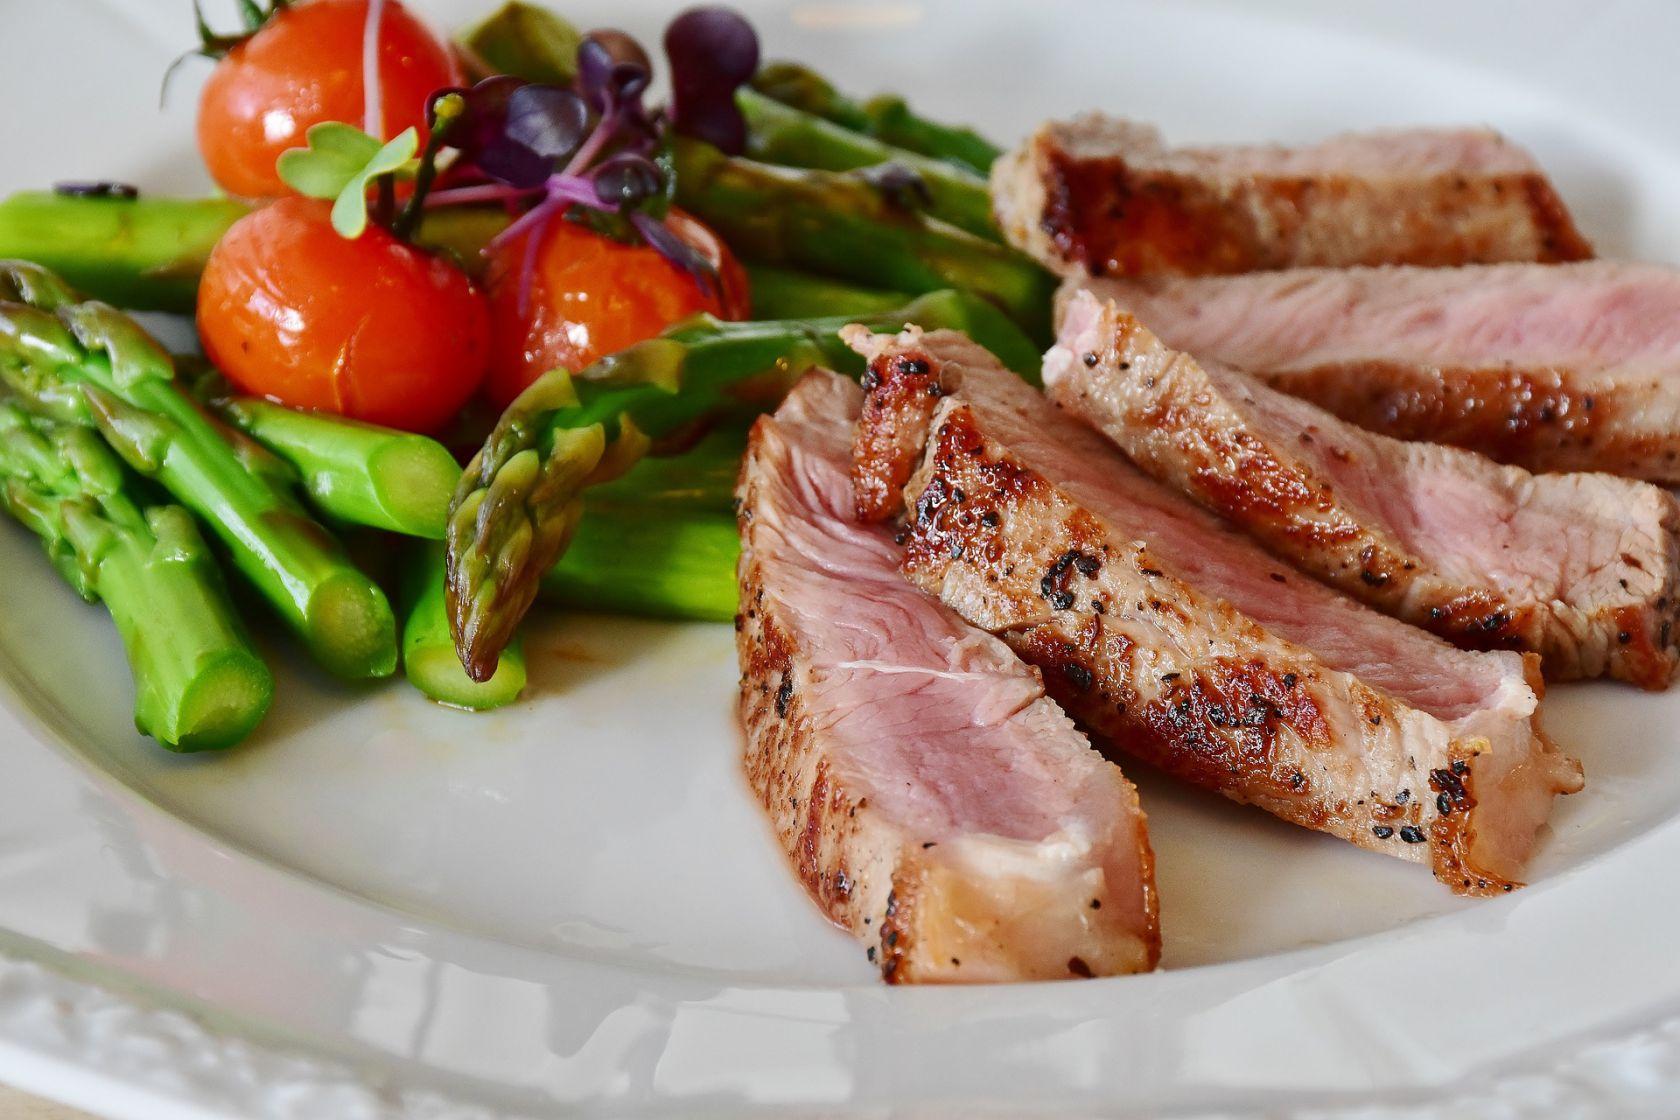 کاهش وزن سریع با رژیم غذایی مناسب